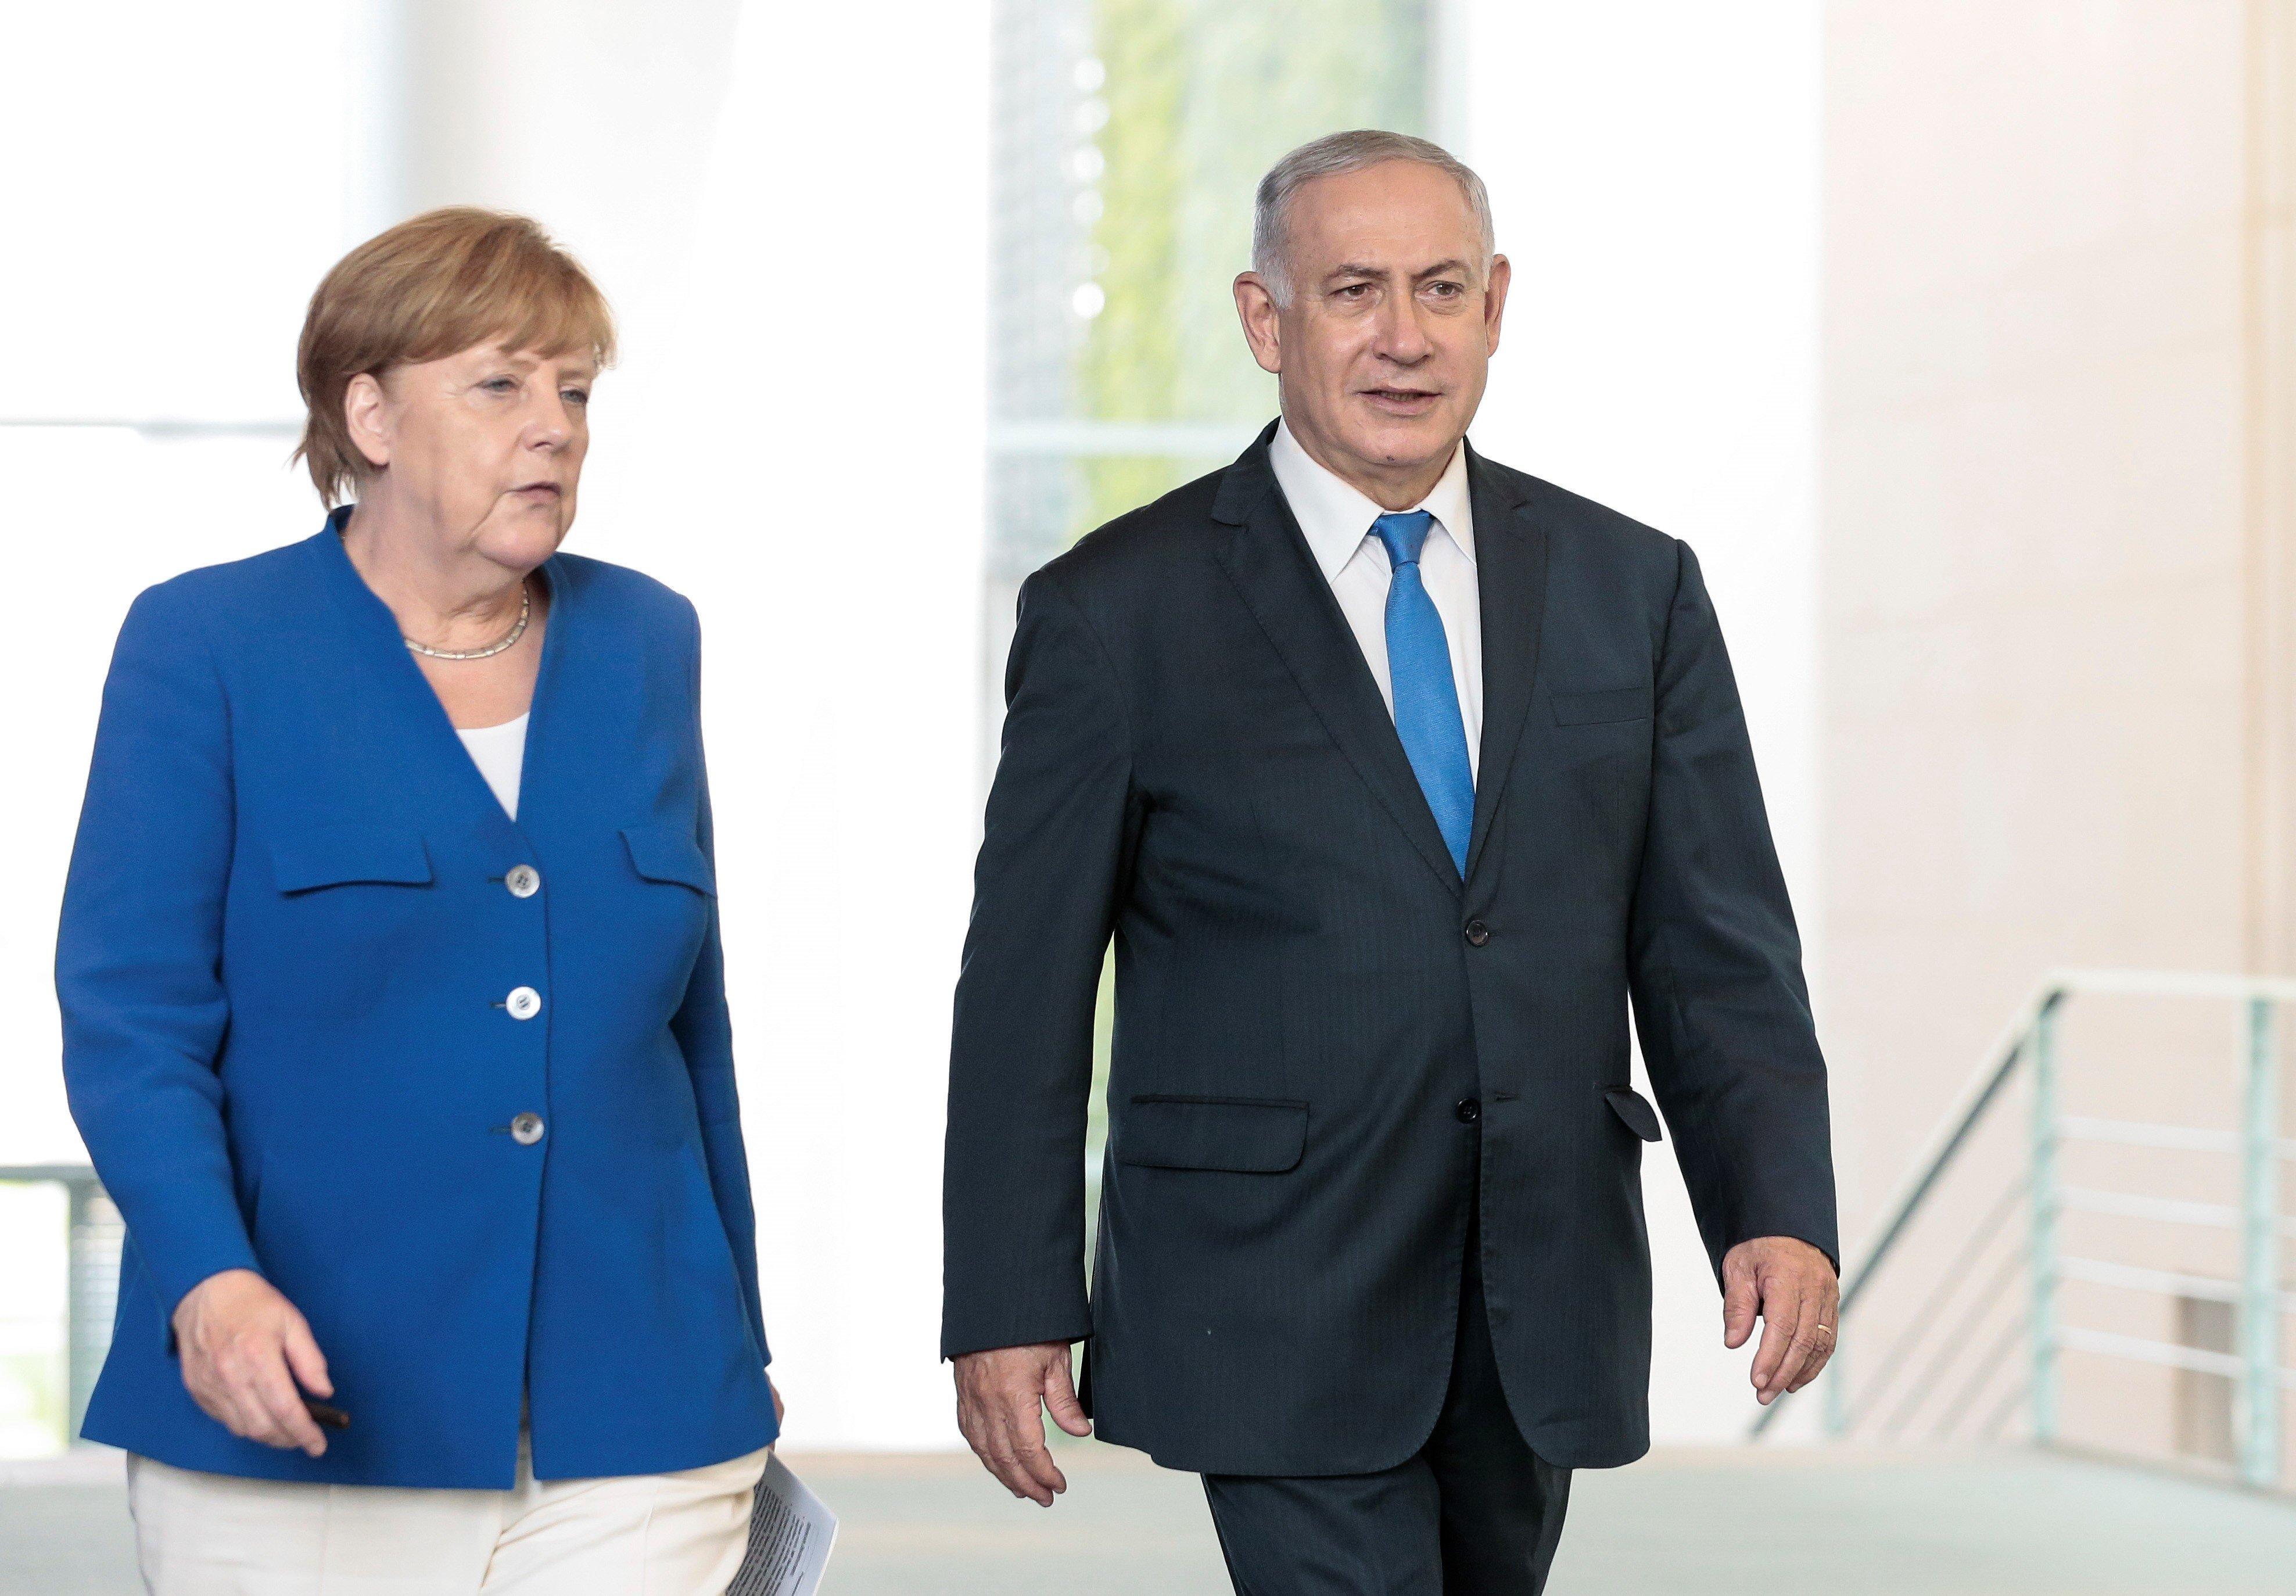 Συνάντηση Μέρκελ με Νετανιάχου στο Ισραήλ μετά από «πάγωμα» των επαφών για ένα